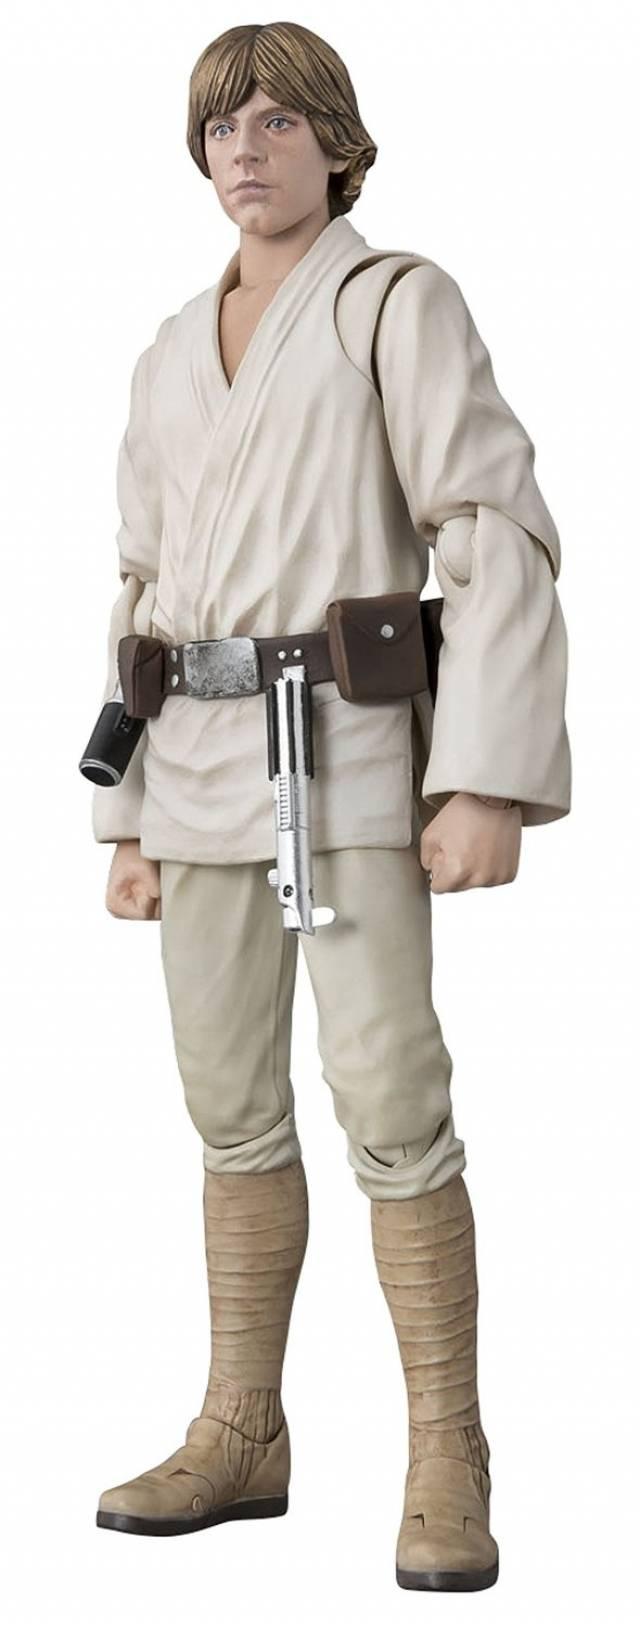 S.H. Figuarts - Star Wars - Luke Skywalker - A New Hope